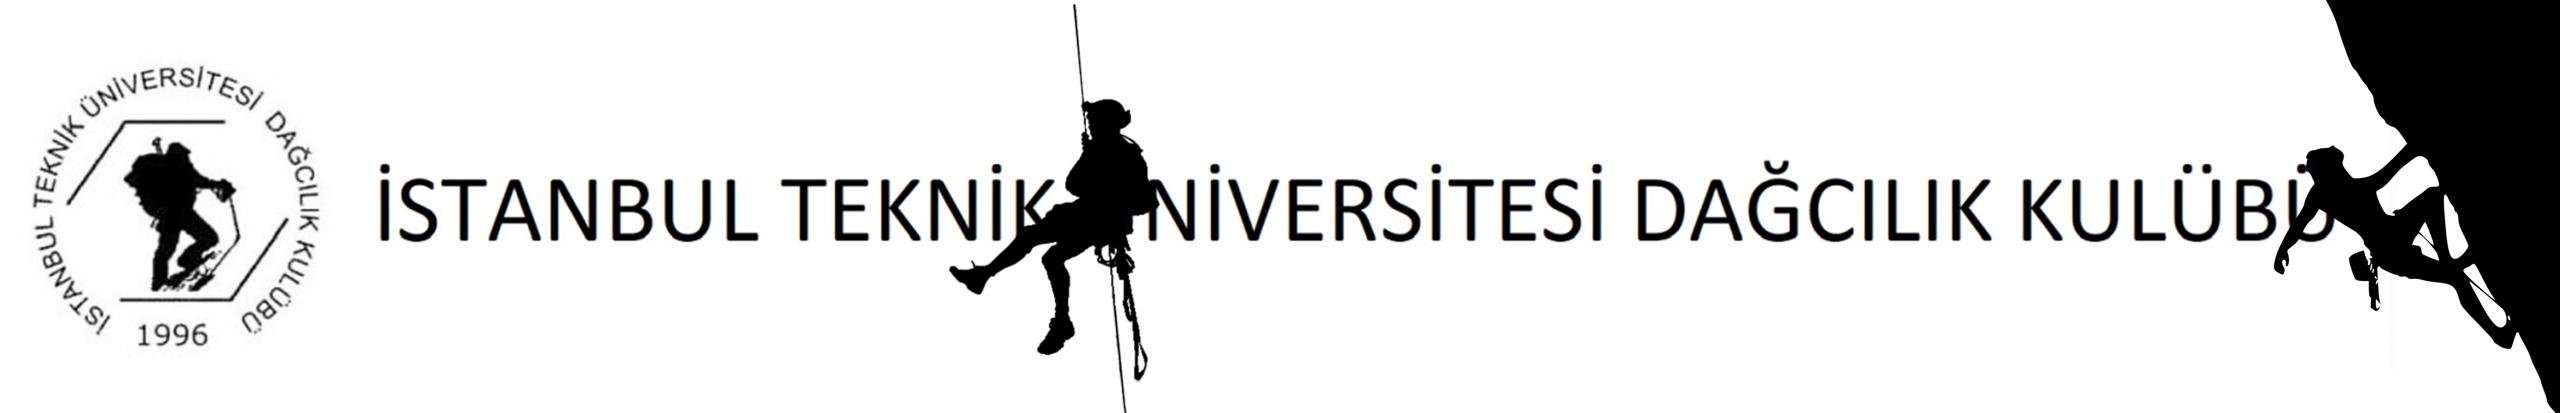 İstanbul Teknik Üniversitesi Dağcılık Kulübü